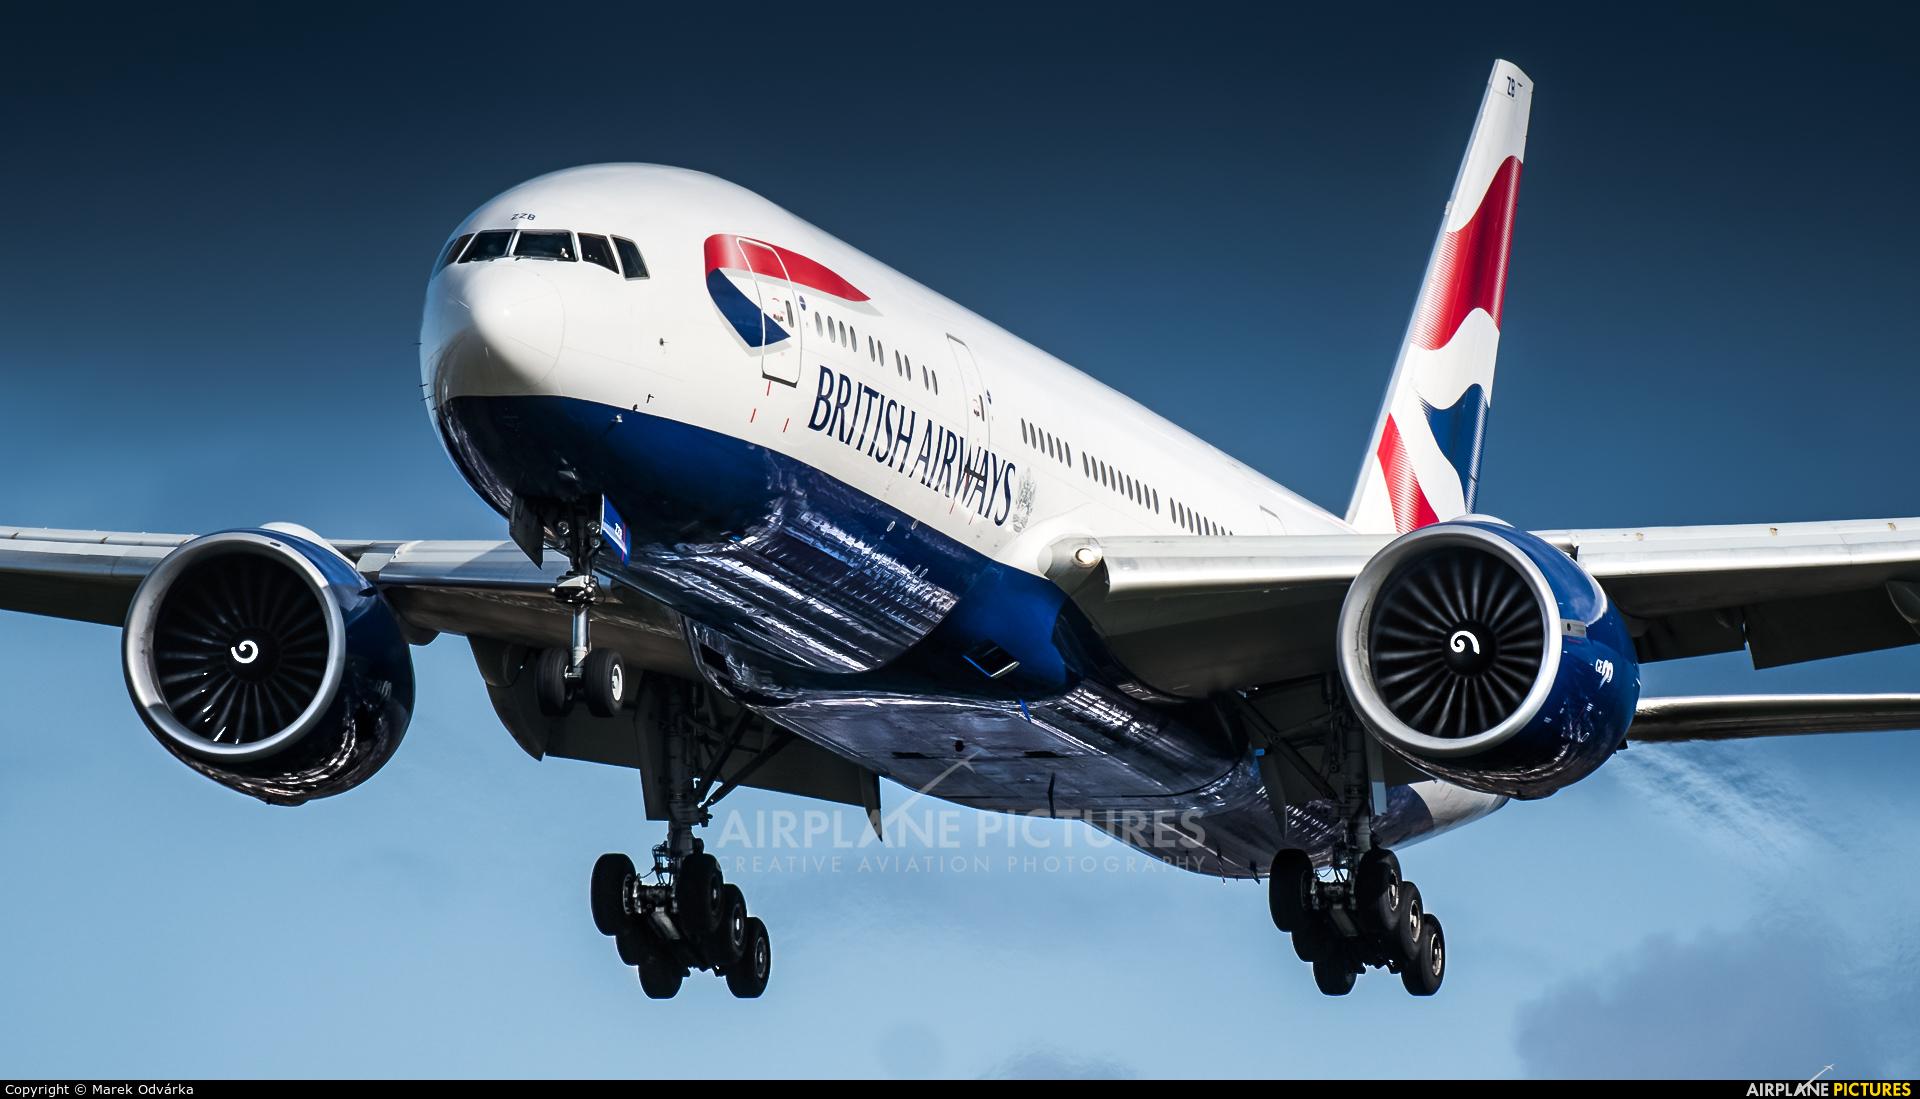 British Airways G-ZZZB aircraft at London - Heathrow